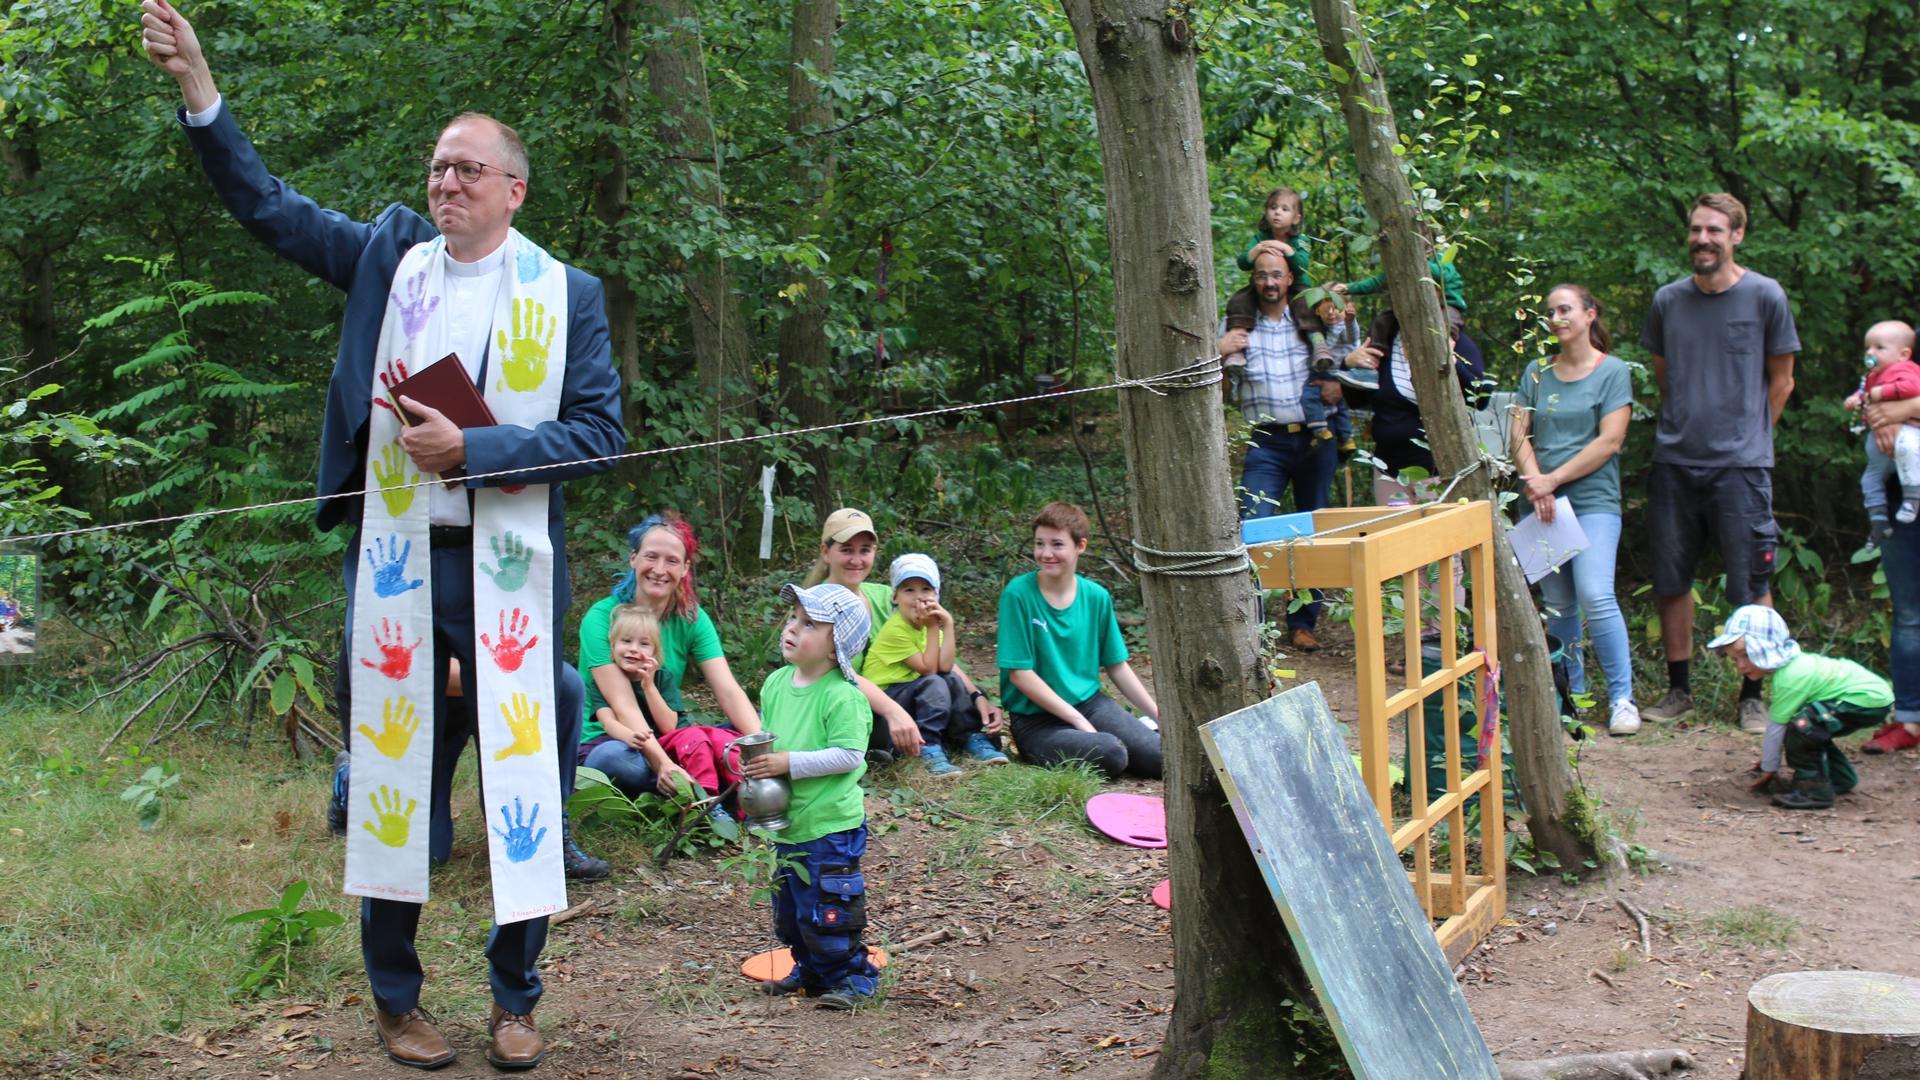 Als jüngster Ministrant von Pfarrer Peter Bretl fungierte bei der Einweihung des Waldkindergartens der dreijährige Leon. Kniend im Hintergrund die Erzieherinnen Nora Leipner, Beatrice Schuster und Sina-Fee Zacher (v.l.)